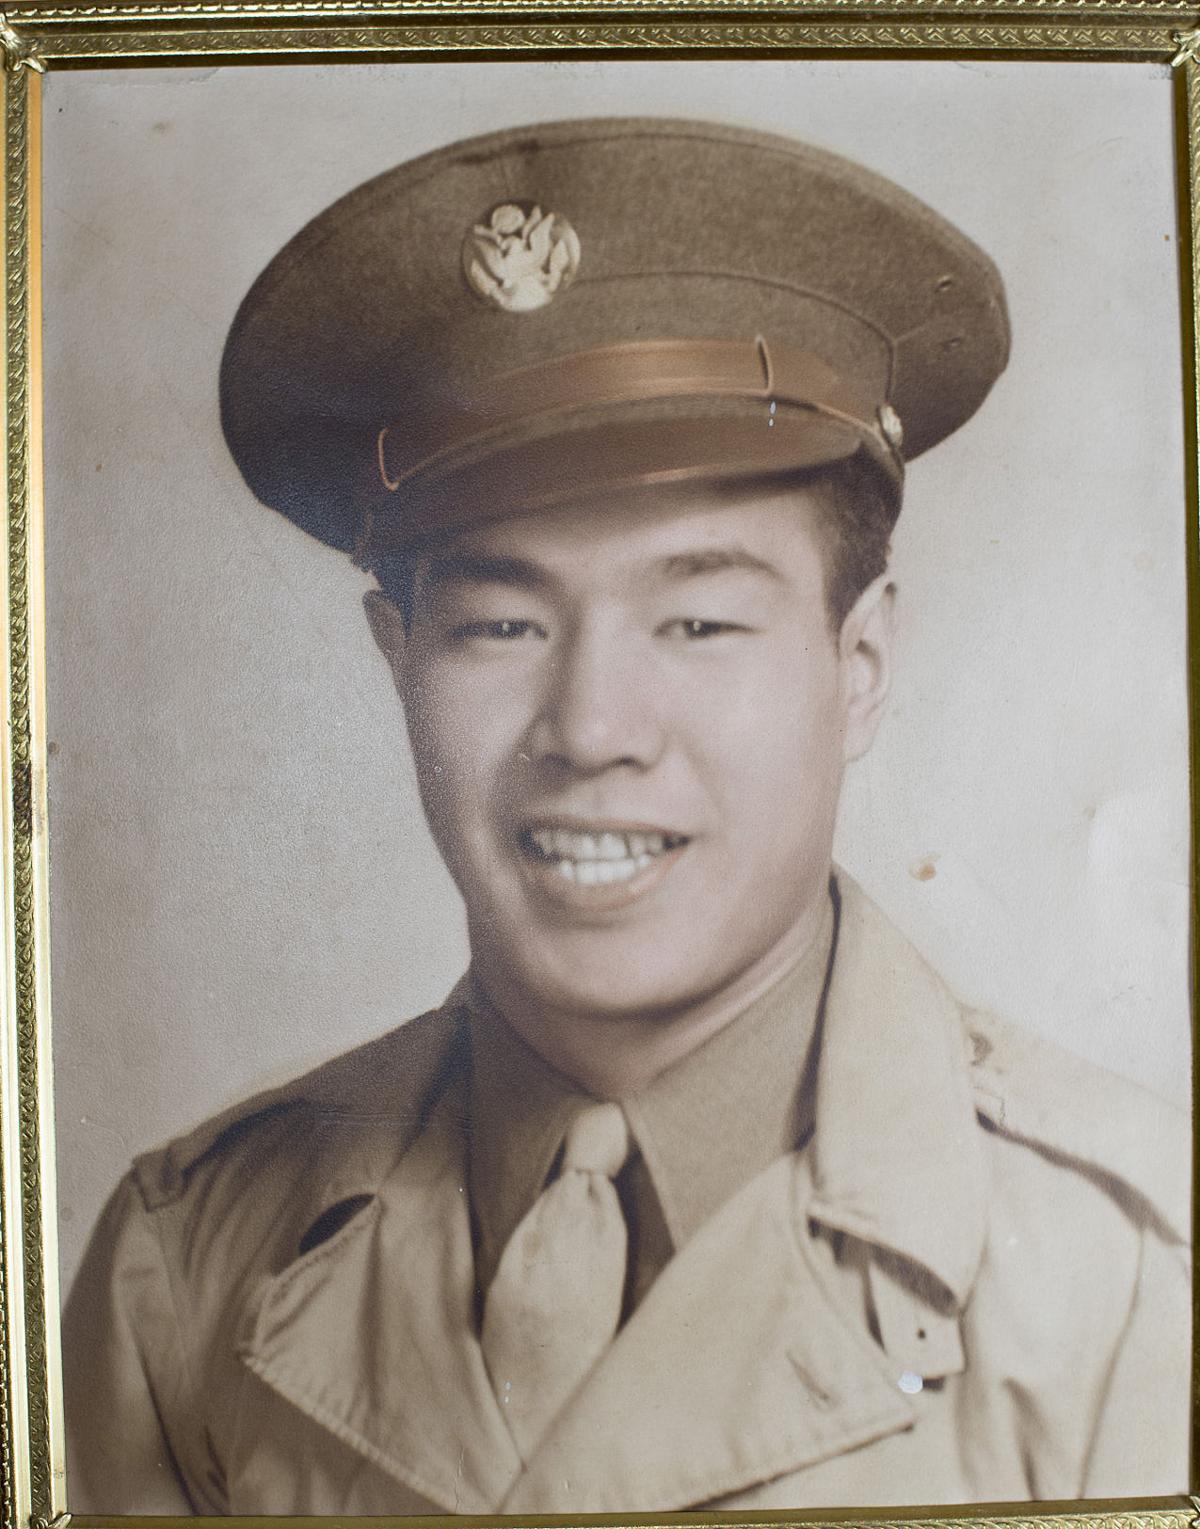 John Katsu